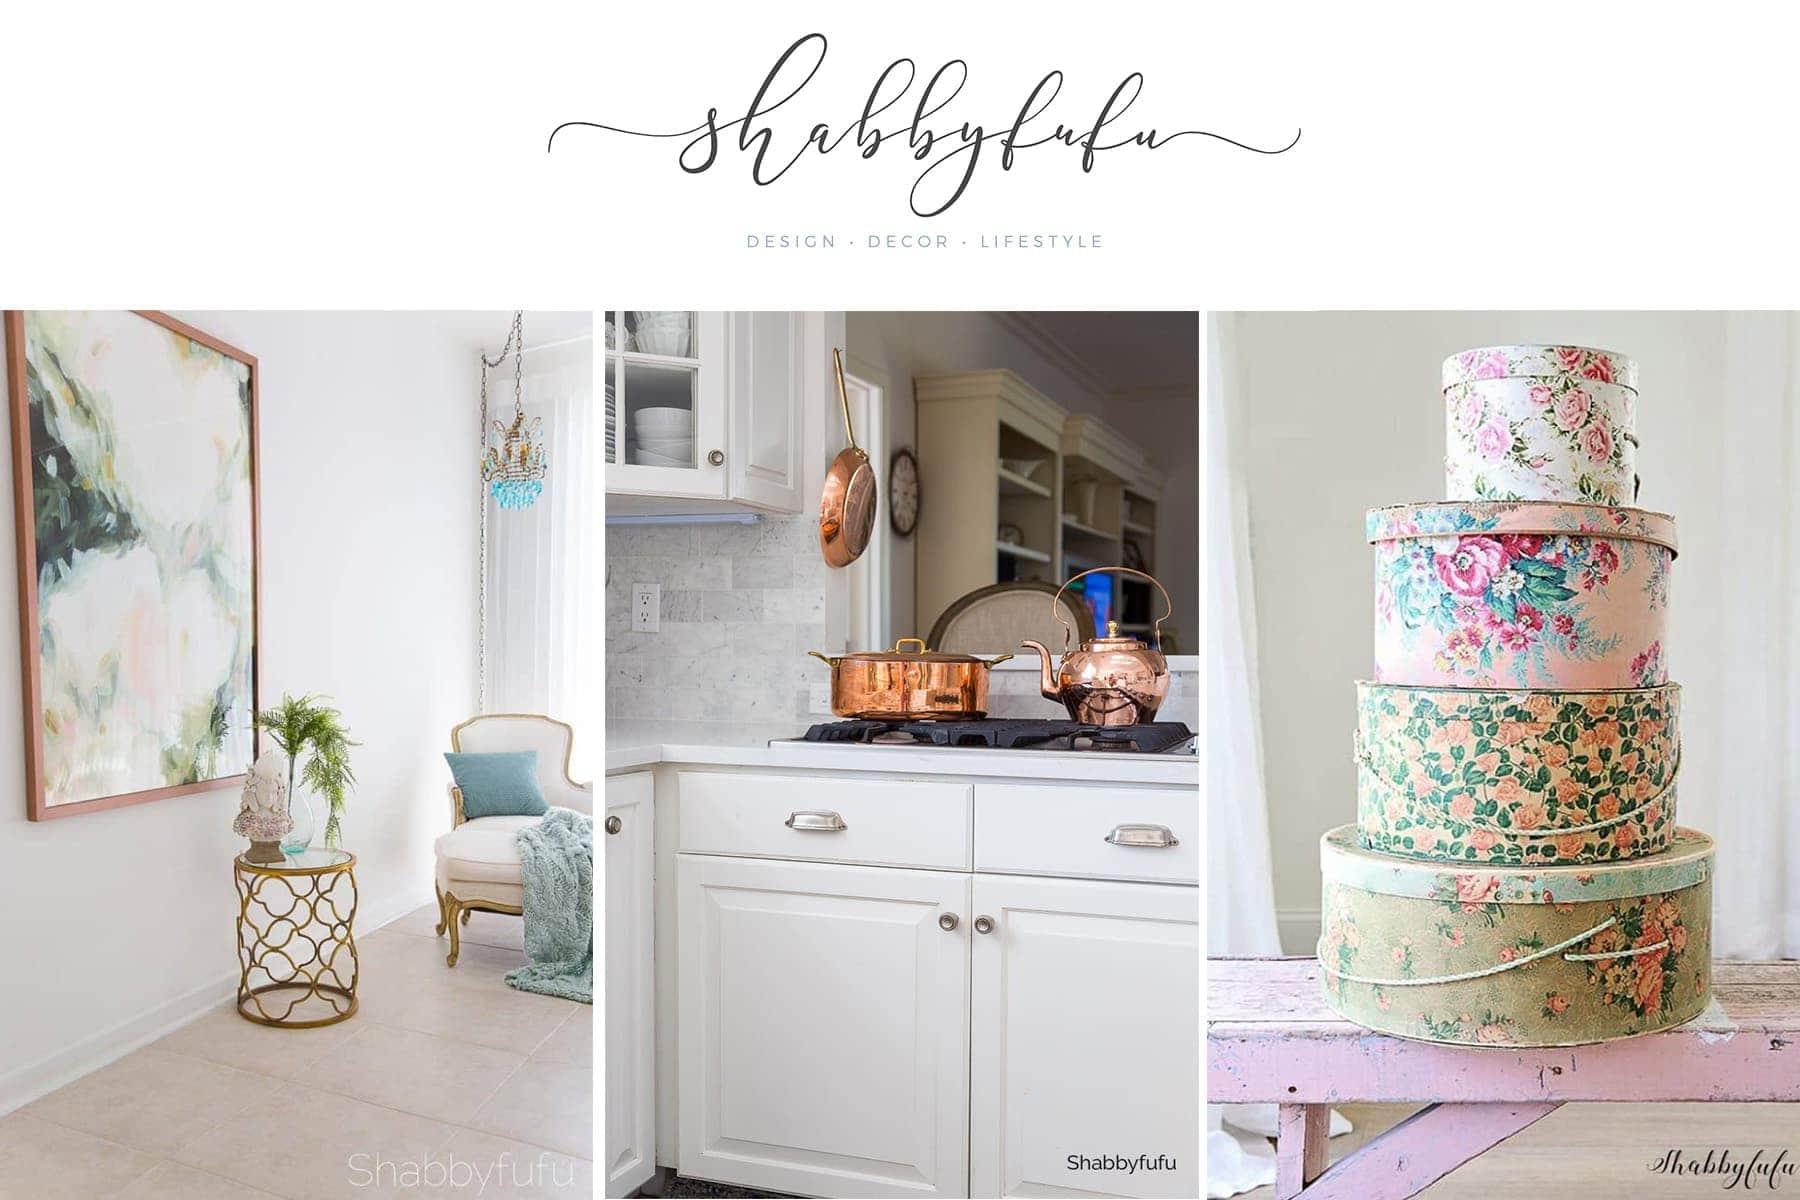 Style-Showcase-91 Shabbyfufu